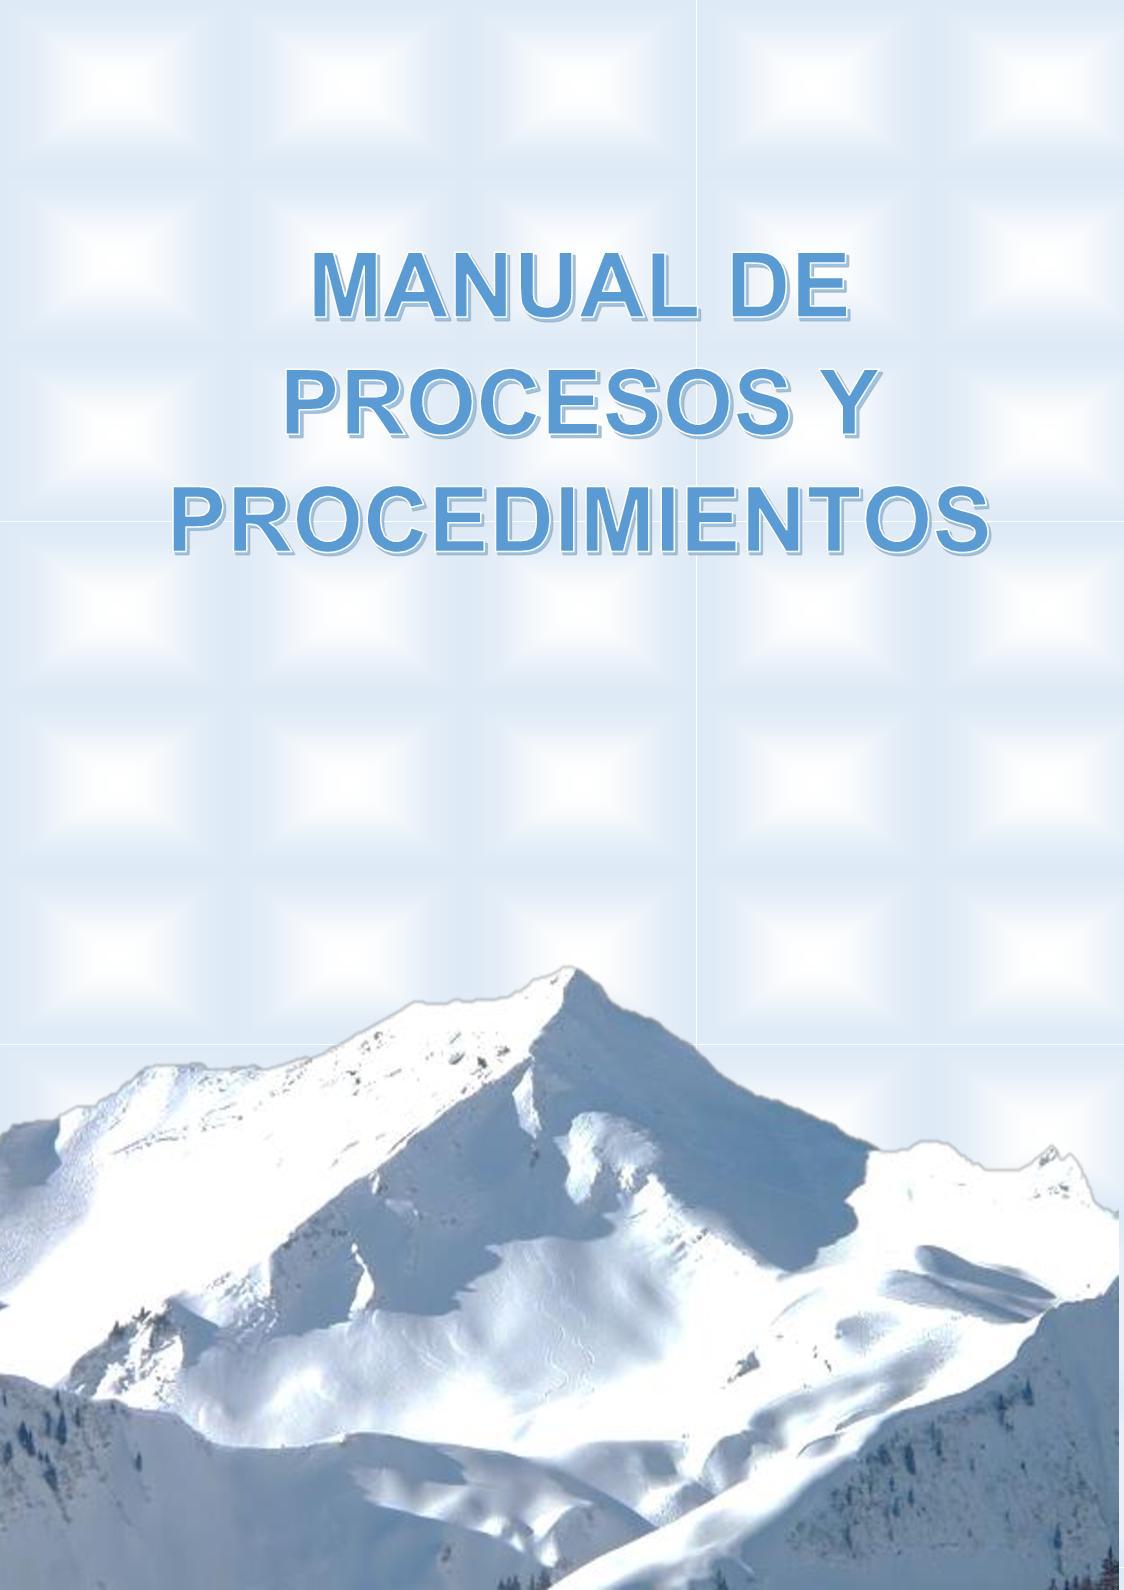 PROYECTO MANUAL DE PROCESOS Y PROCEDIMIENTOS